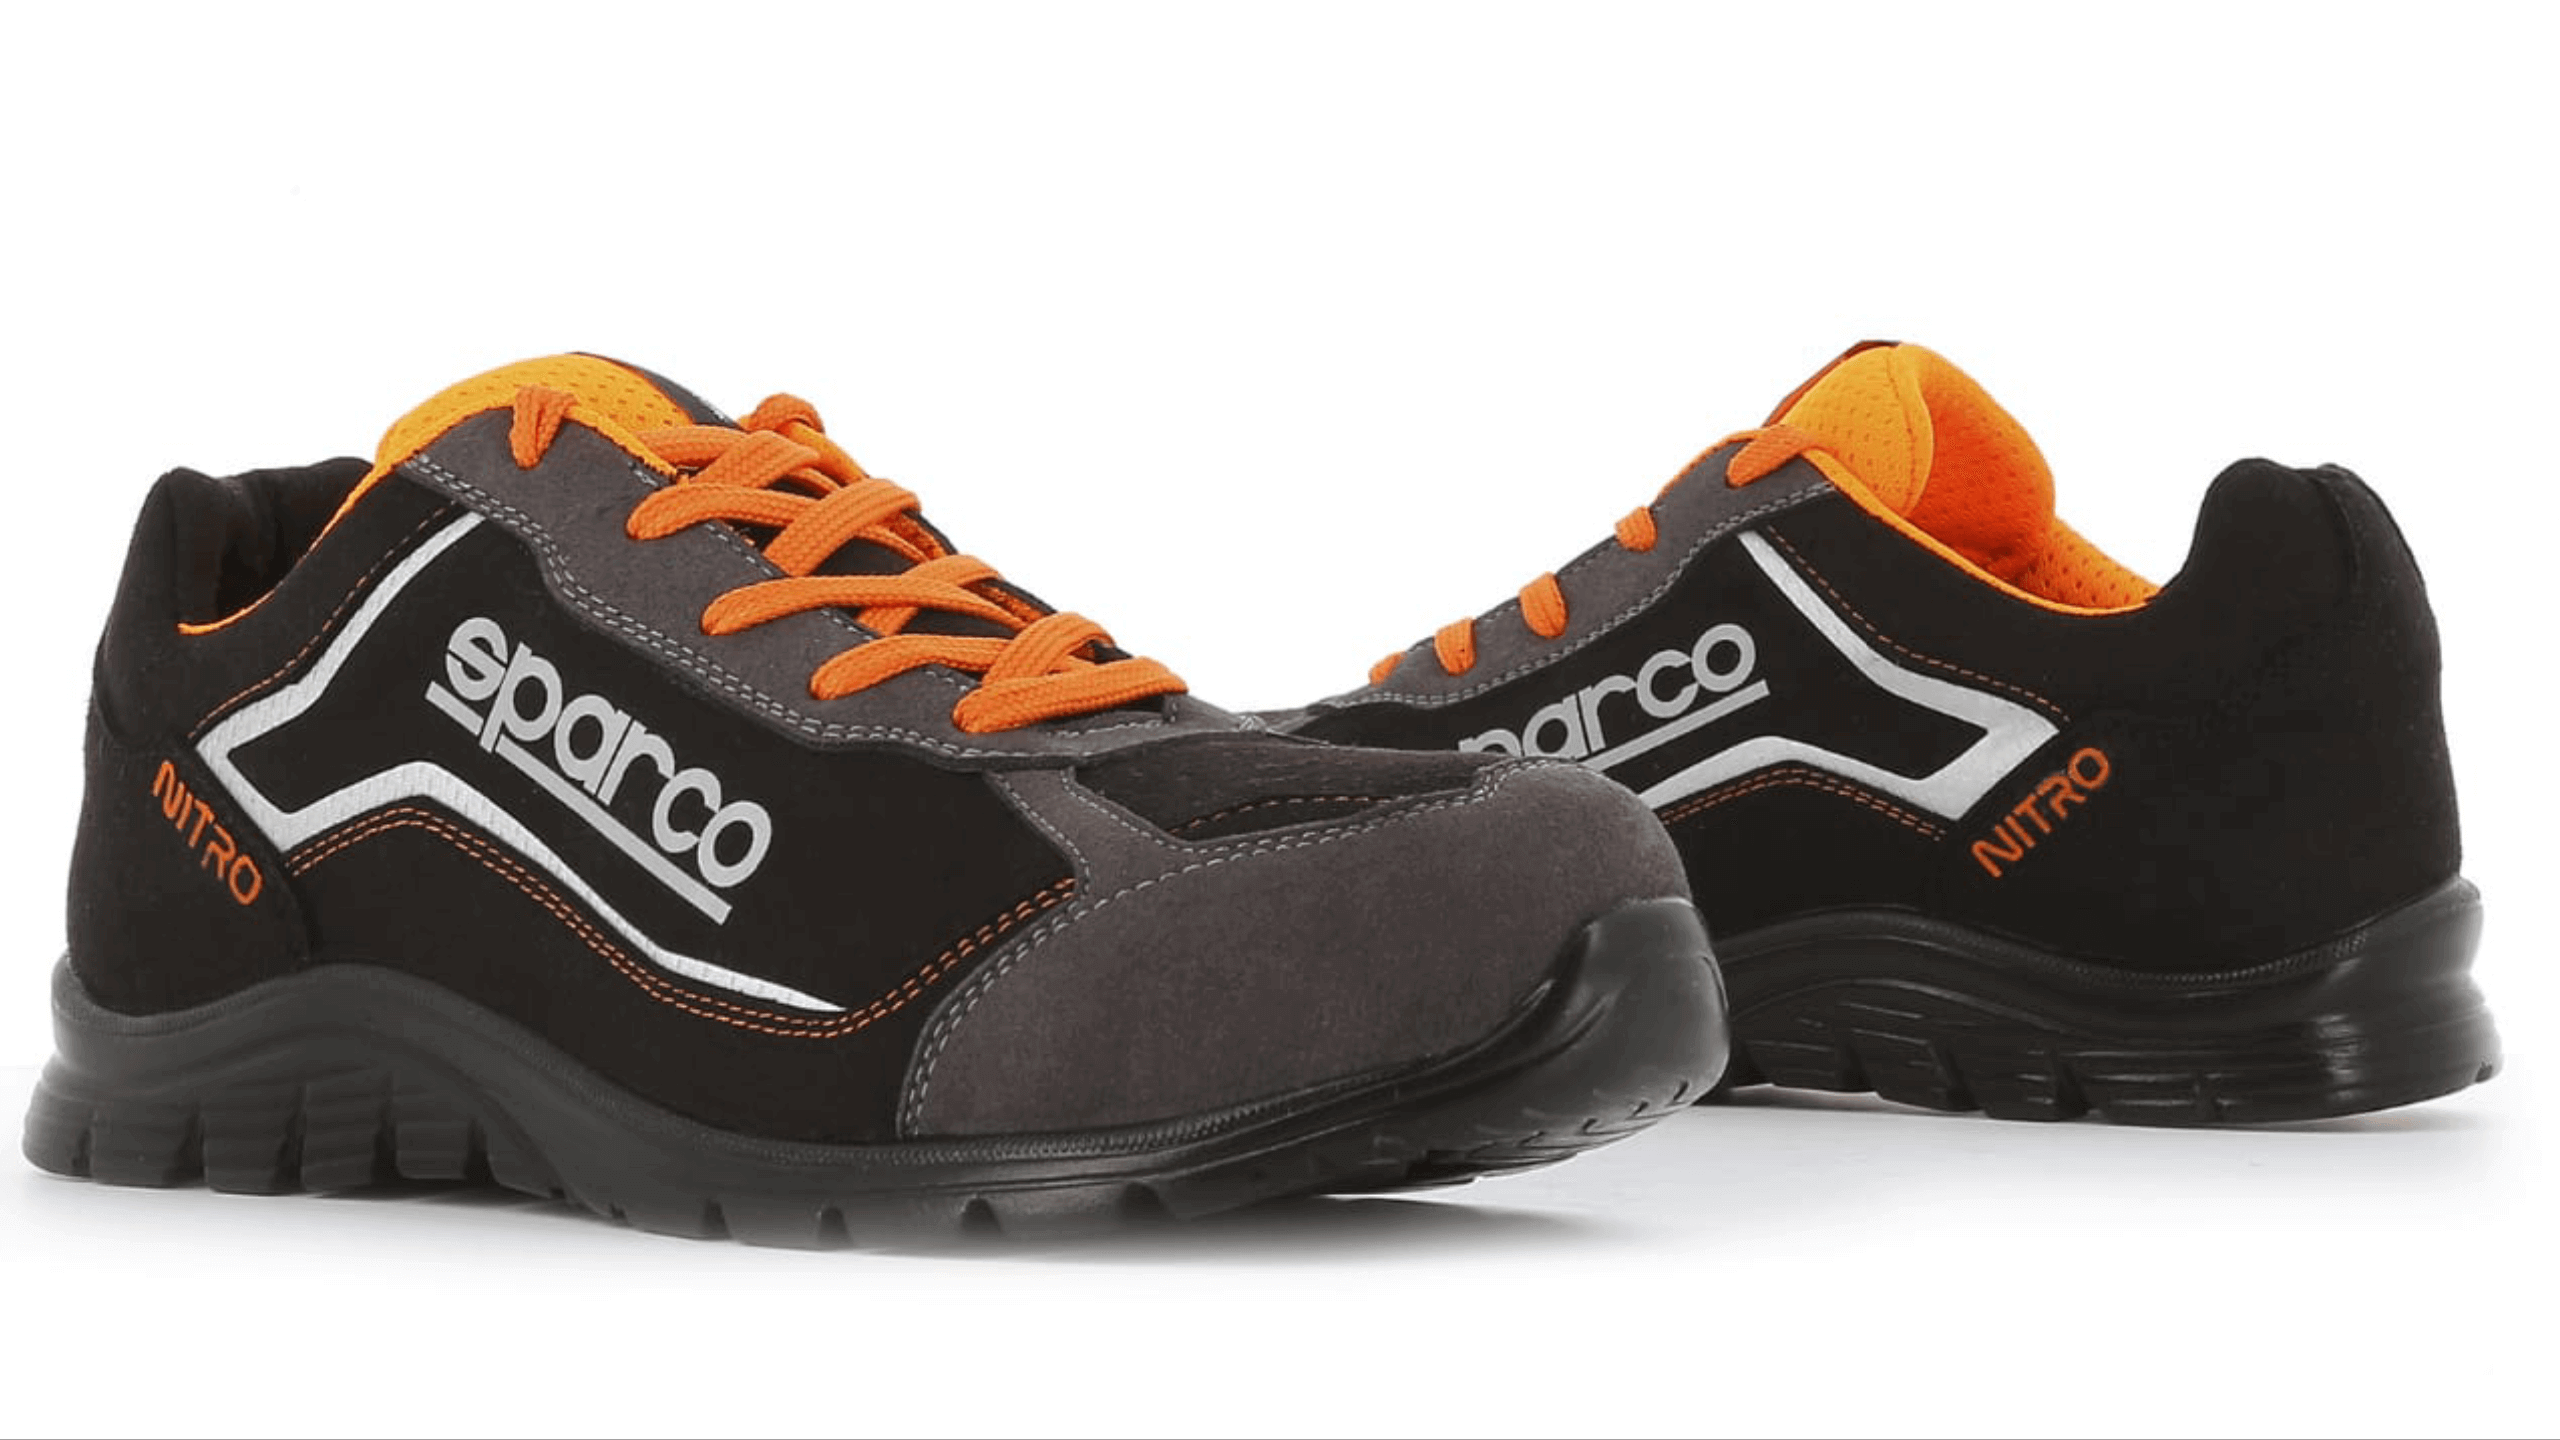 42ee099a Los Zapatos de Seguridad más cómodos | Comprar zapatos trabajo cómodos |  Calzado de Protección